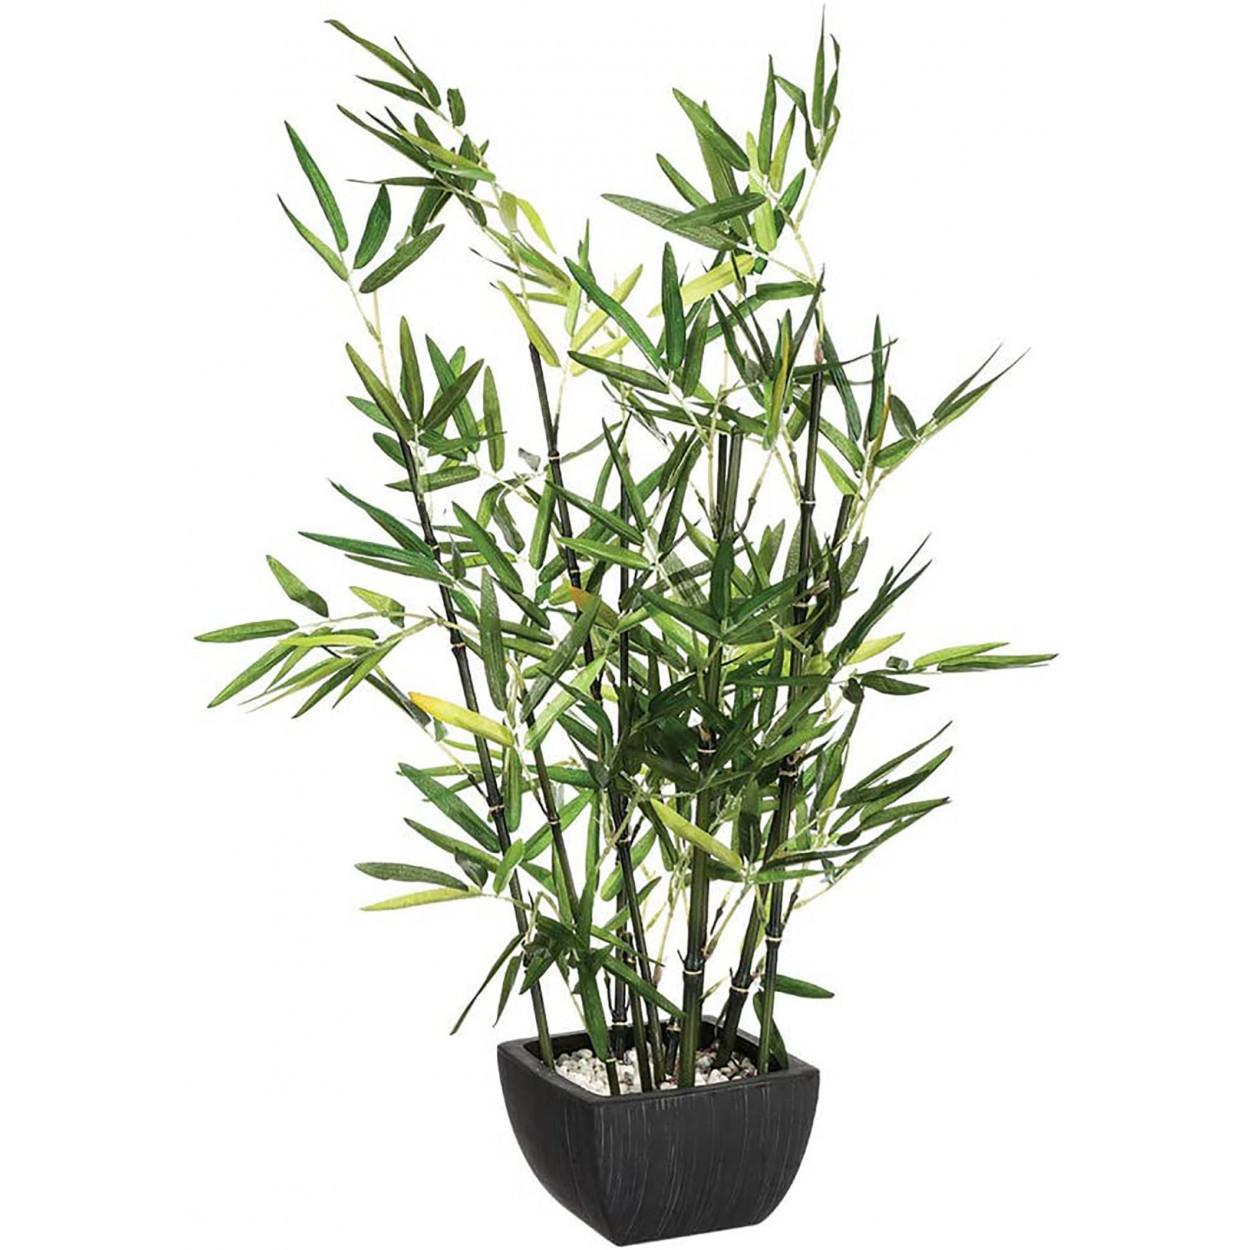 Planta Bambú Artificial, Maceta Negra,Decoración interior Realista, 3 Modelos diferentes